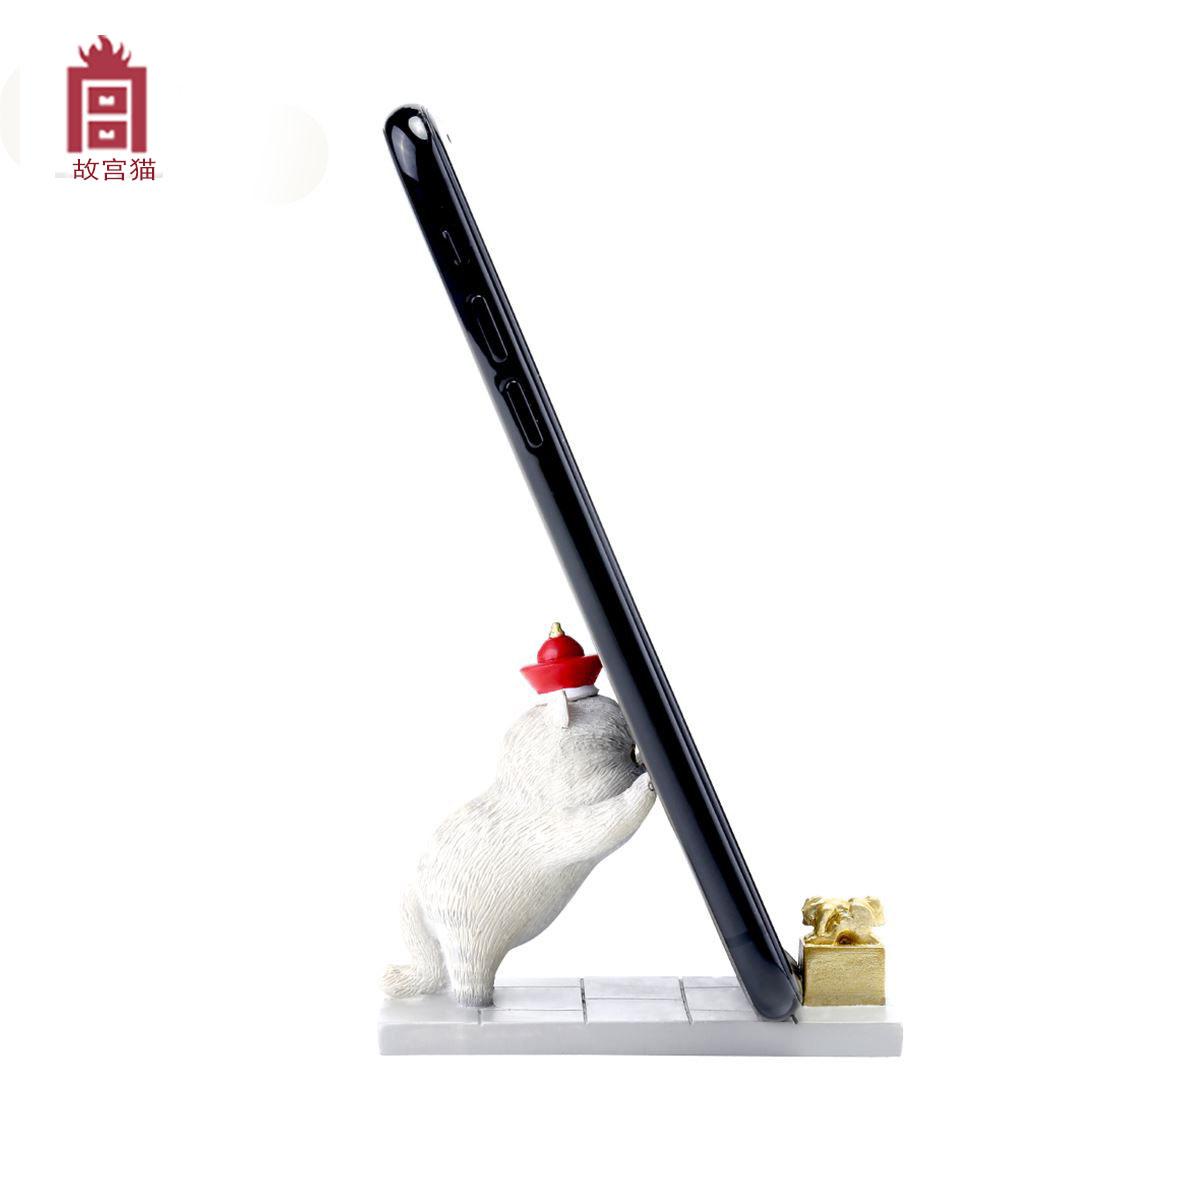 【故宫淘宝】中秋国庆生日礼物手机座限时2件3折